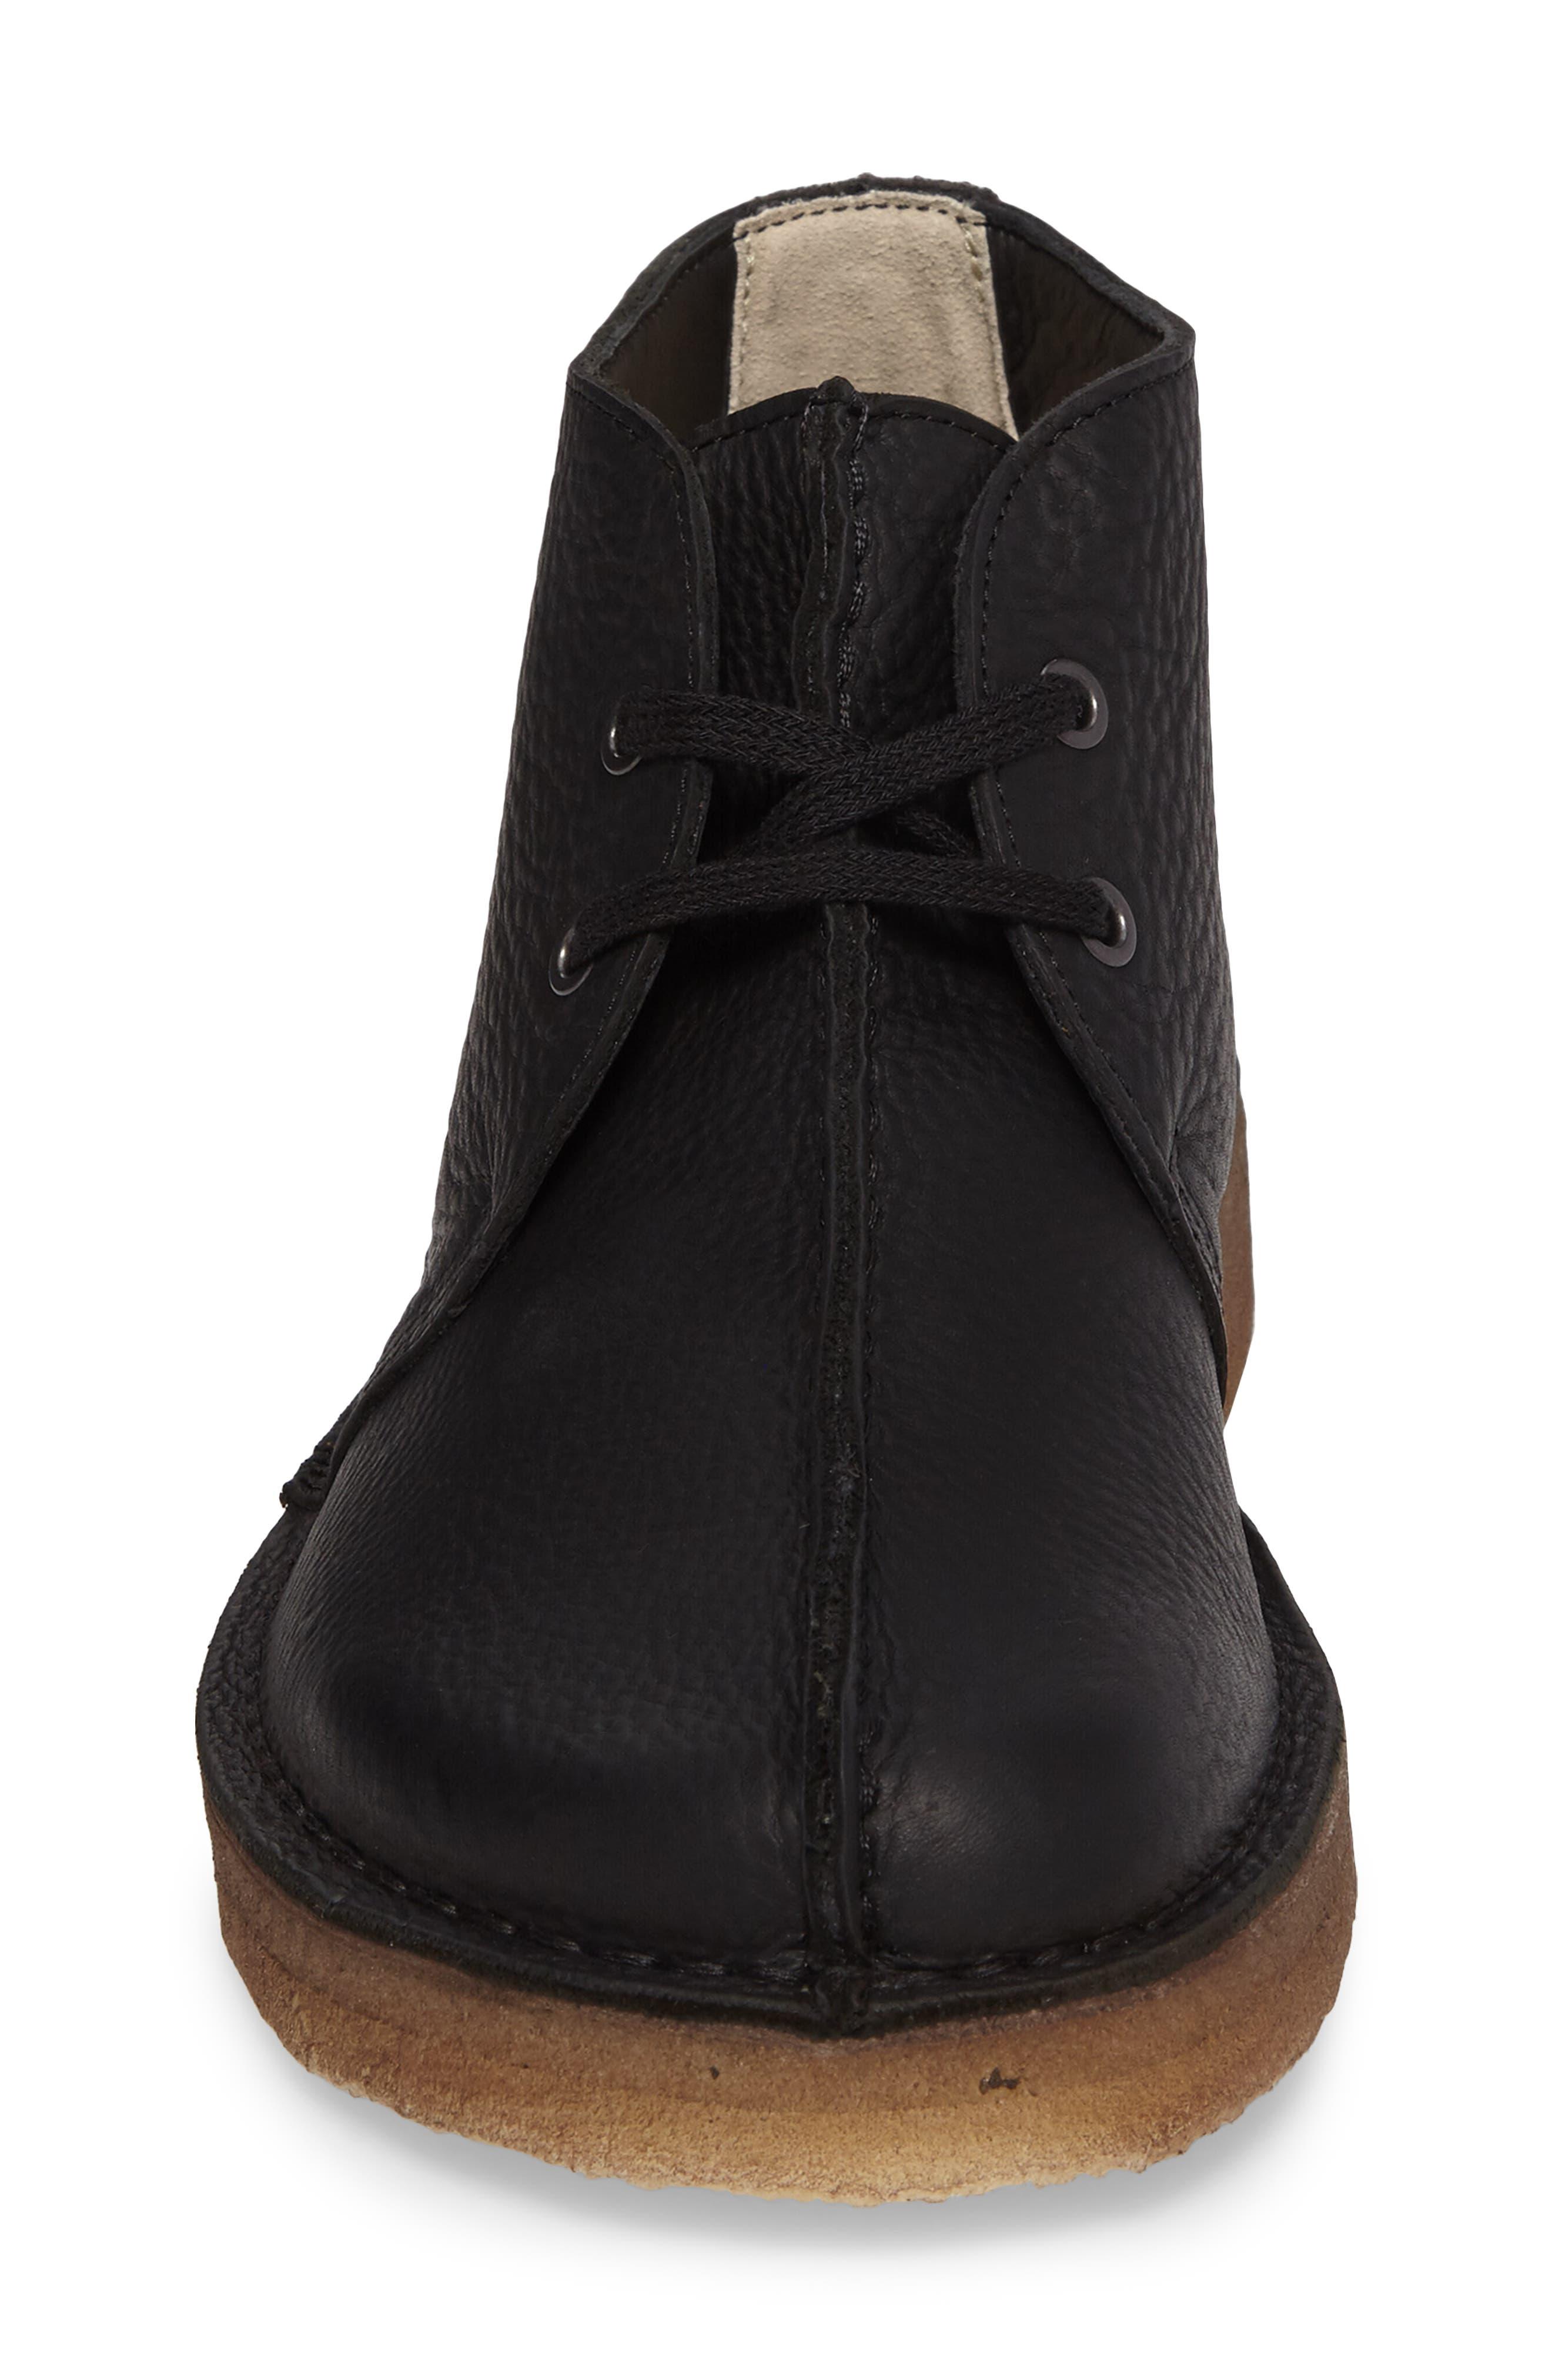 Clarks Desert Trek Leather Boot,                             Alternate thumbnail 4, color,                             Black Leather